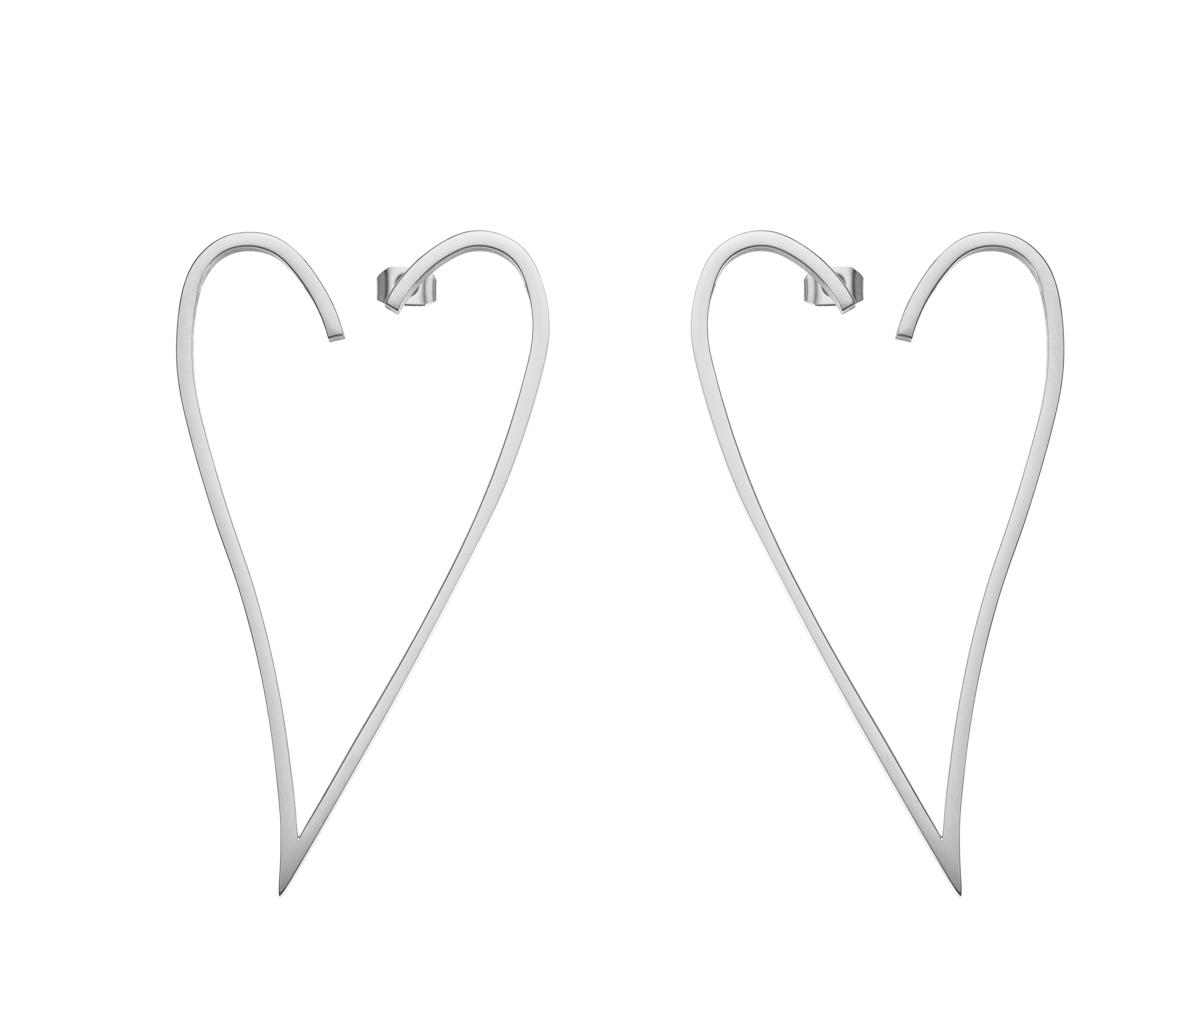 Srebrny wyraz miłości przedstawiony za pomocą fotografii